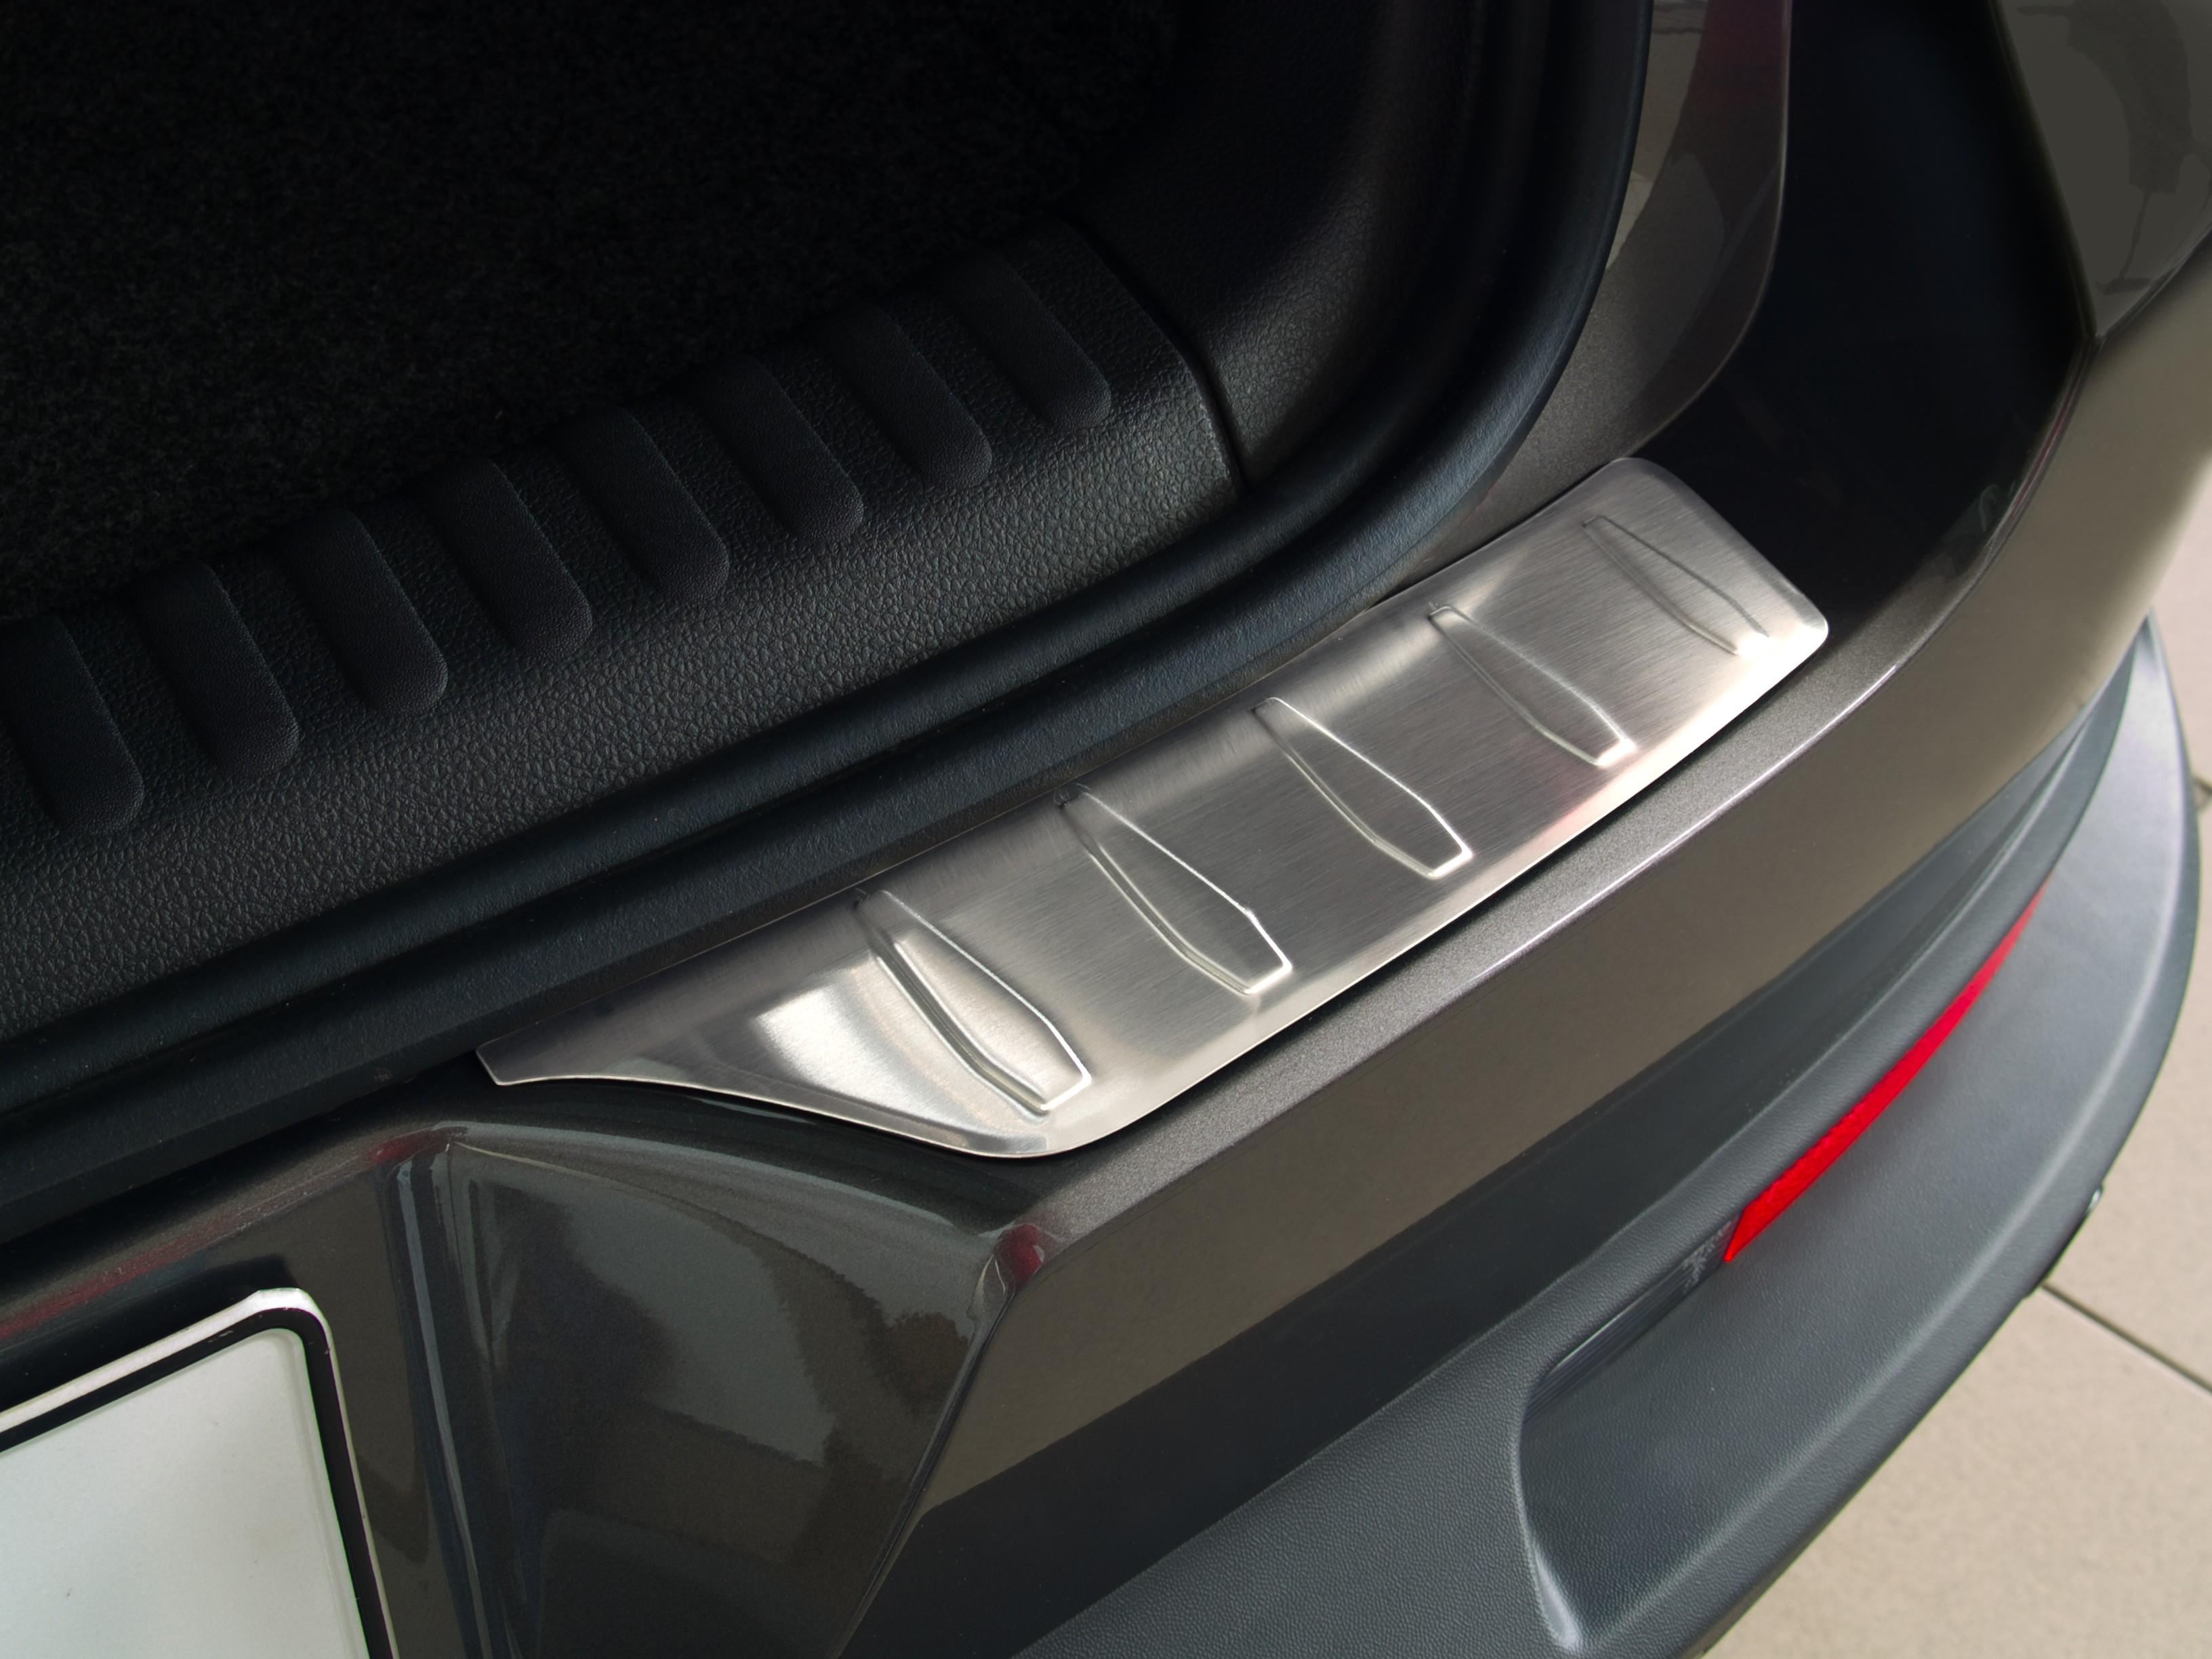 Volkswagen TIGUAN ribs 2 pcs 2007-